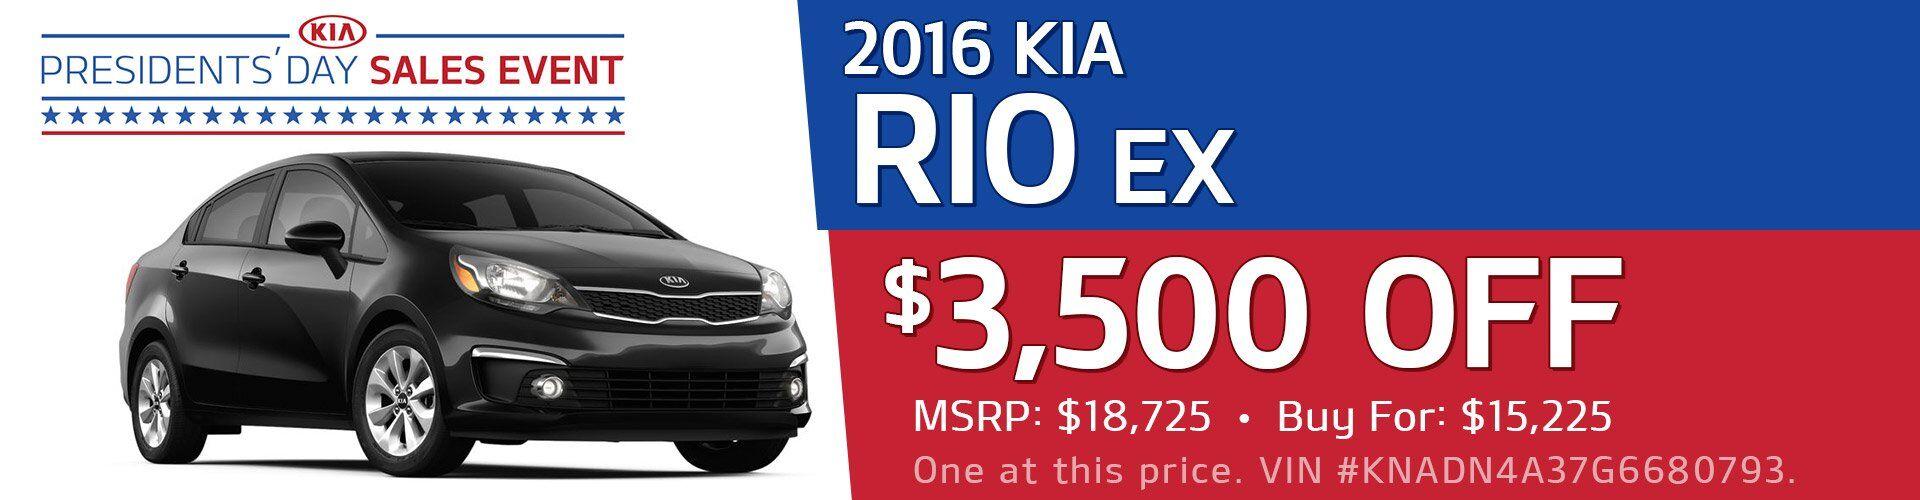 2016 Kia Rio EX